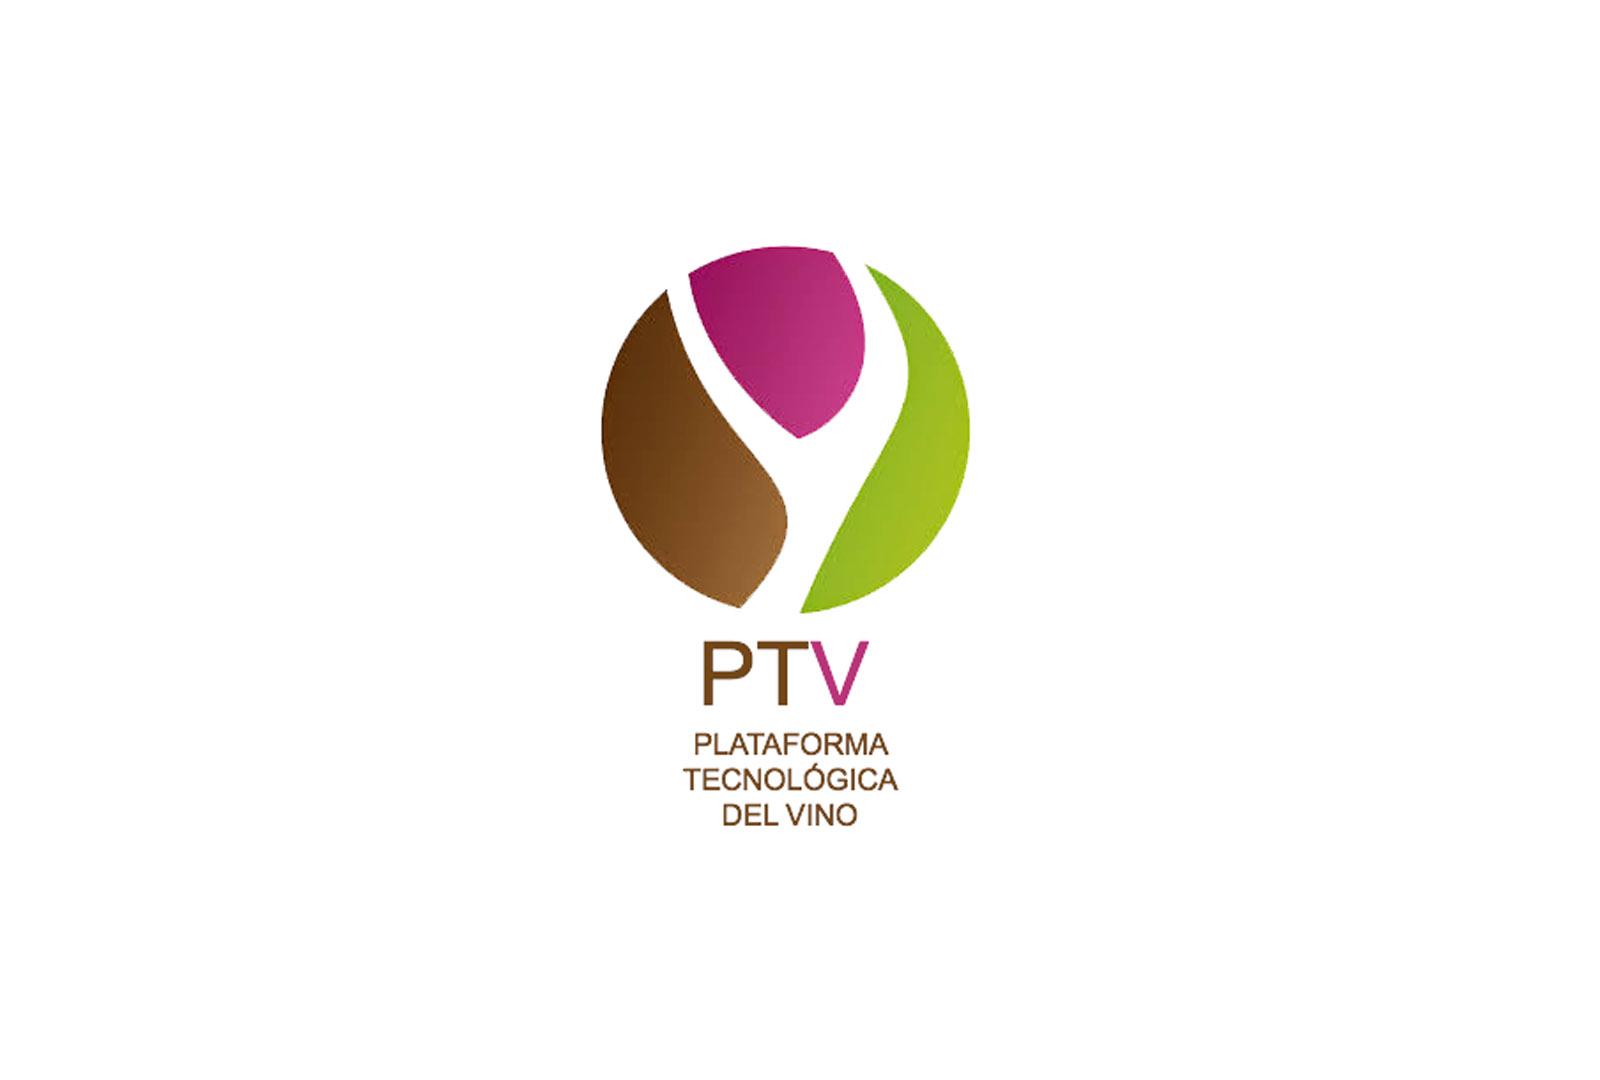 Asamblea General de Socios de la Plataforma Tecnológica del Vino.